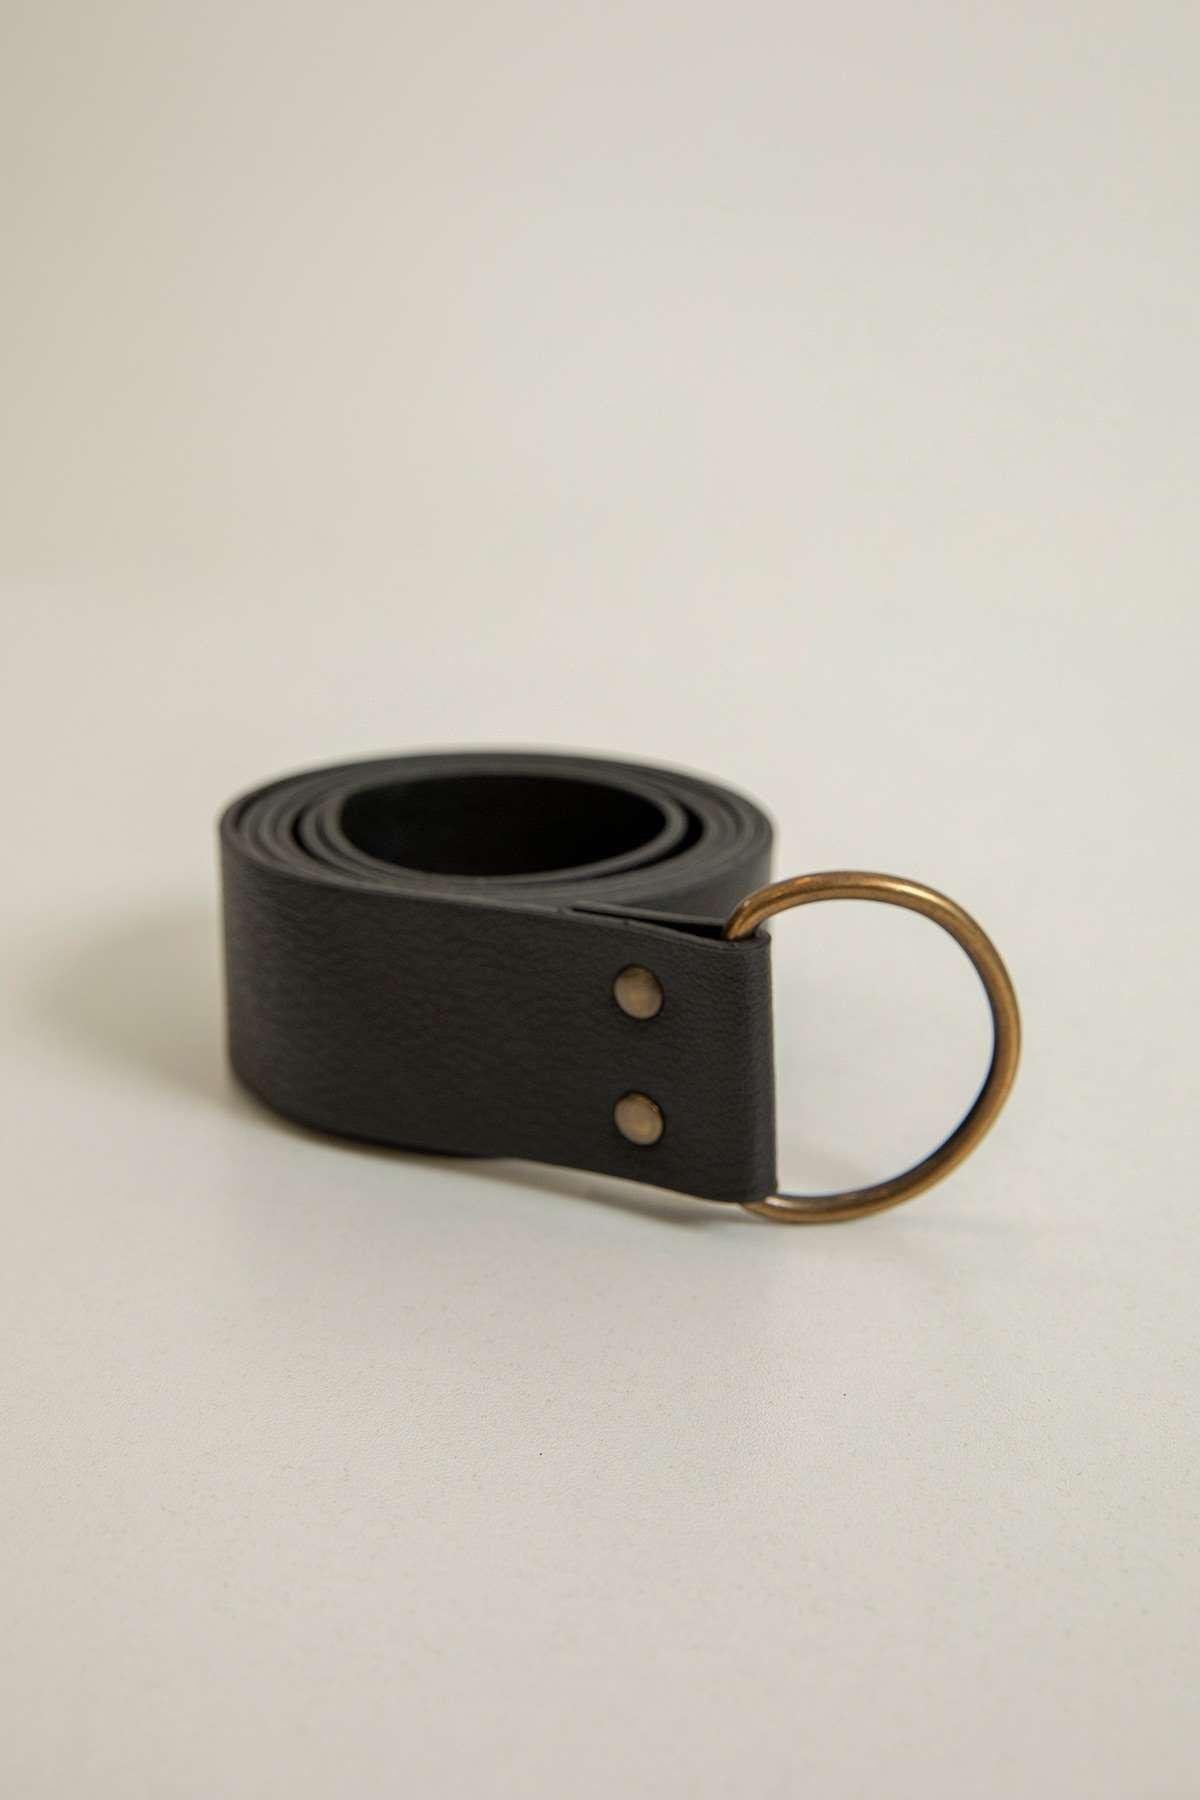 Küçük Oval Tokalı Kemer-Siyah